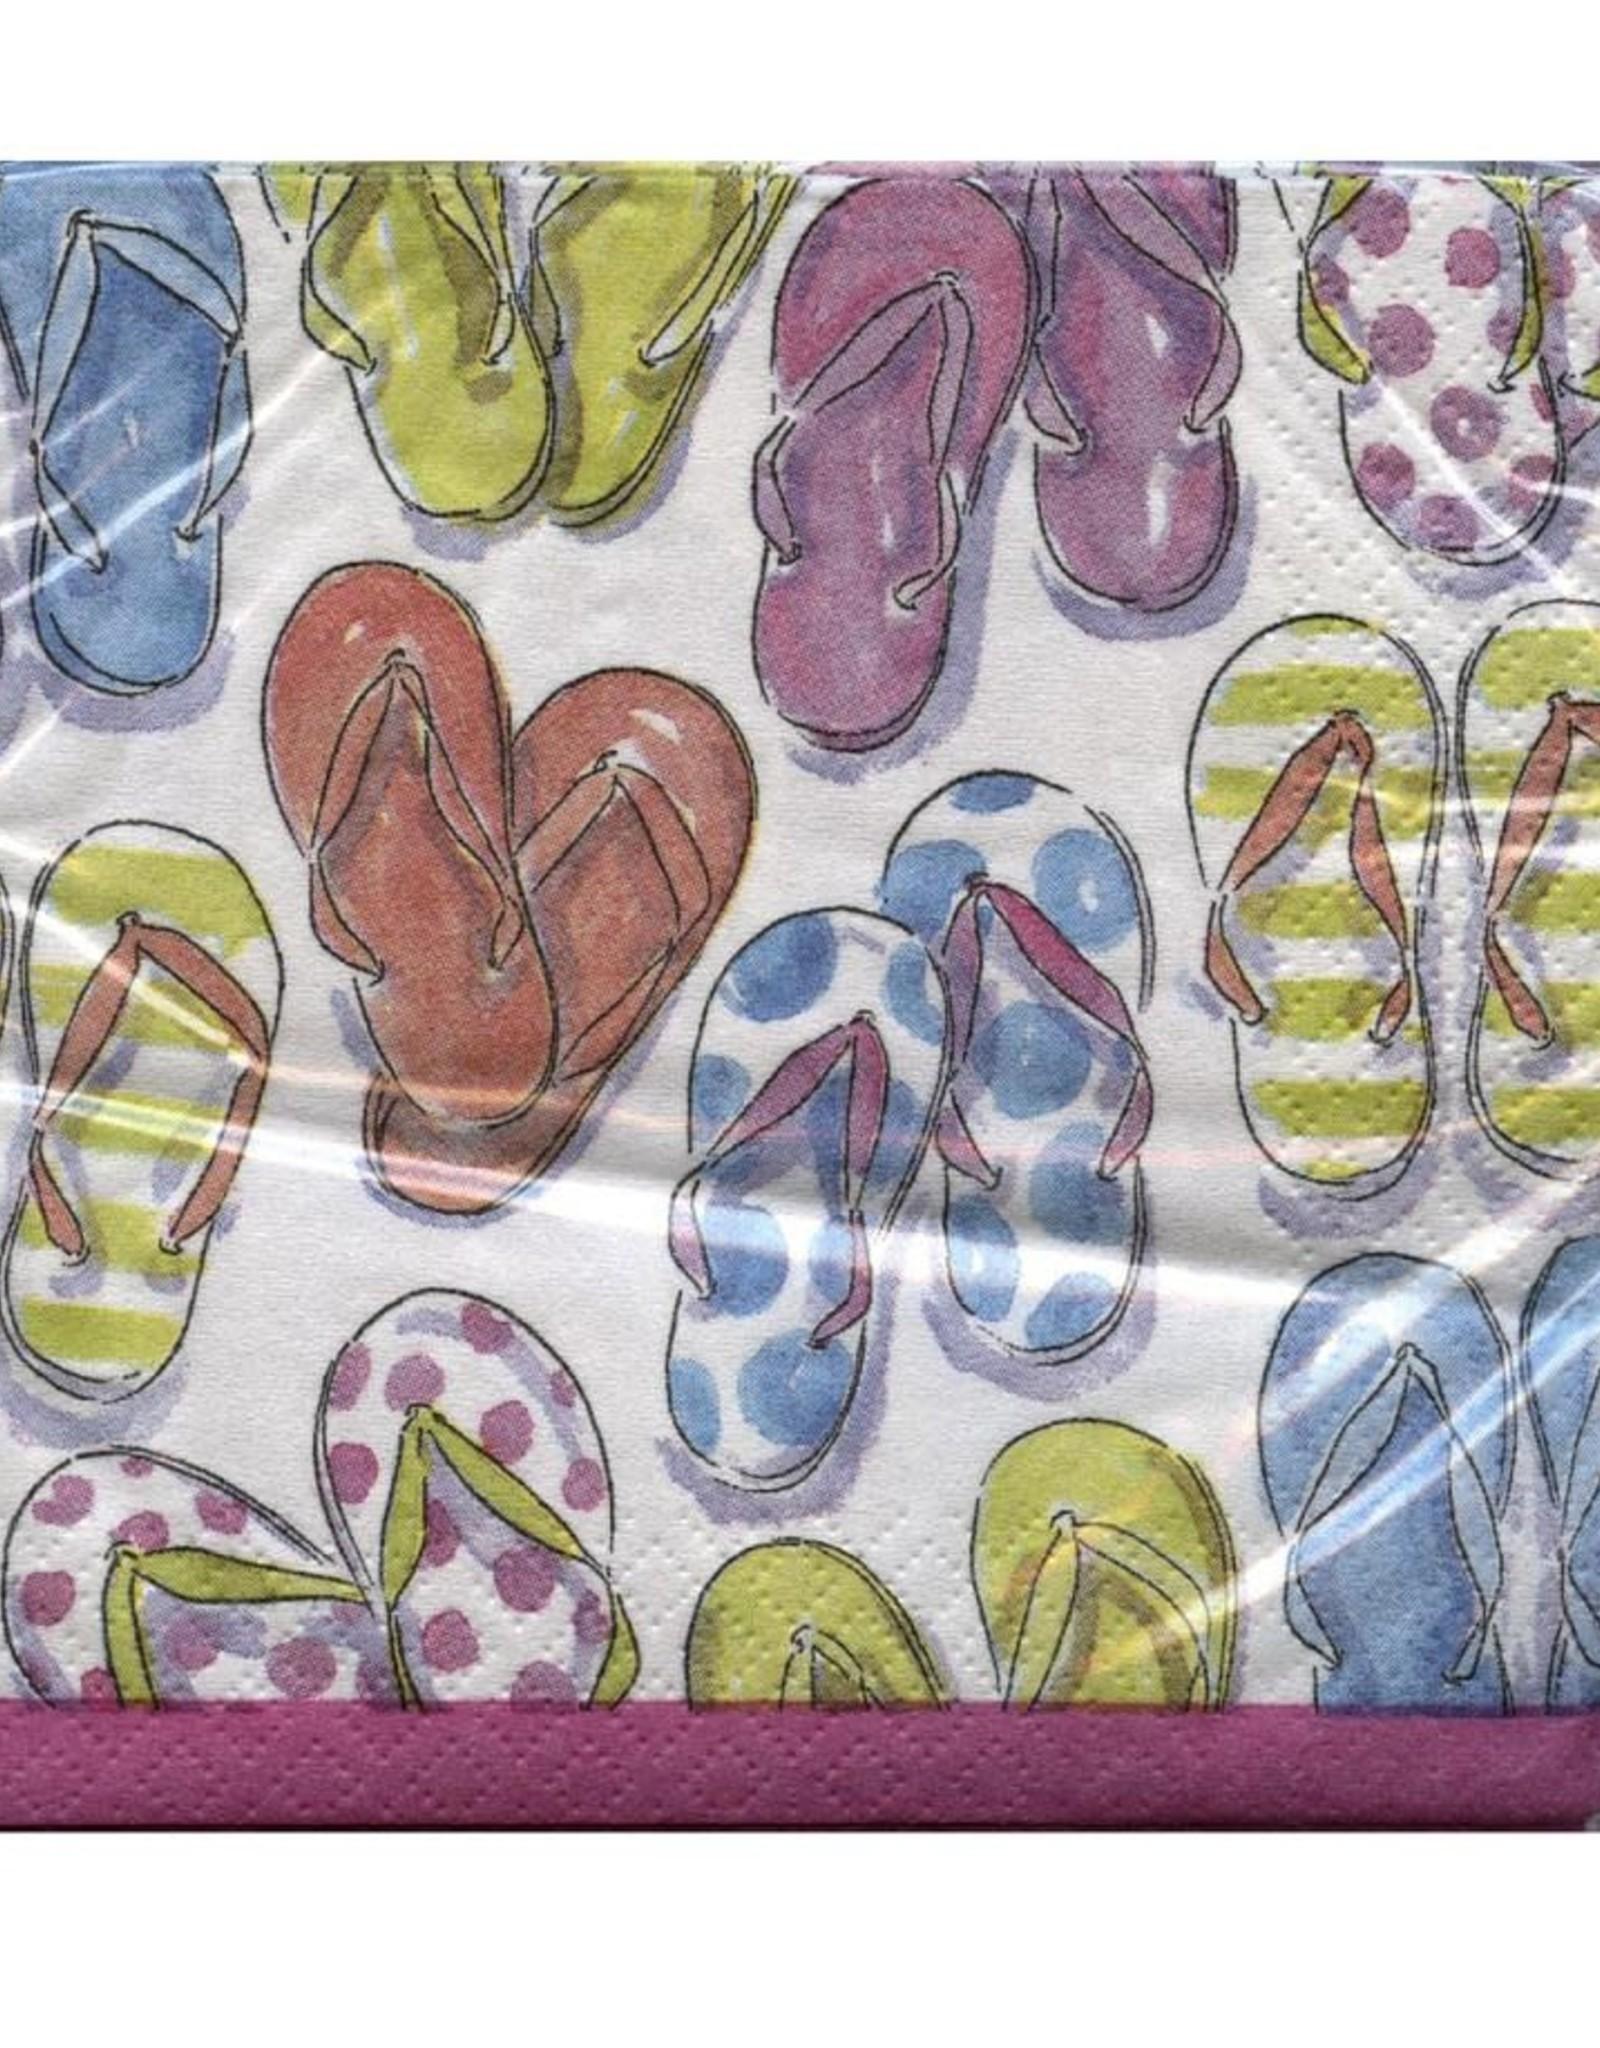 Shoewares Lolita - Flip Flops Napkin